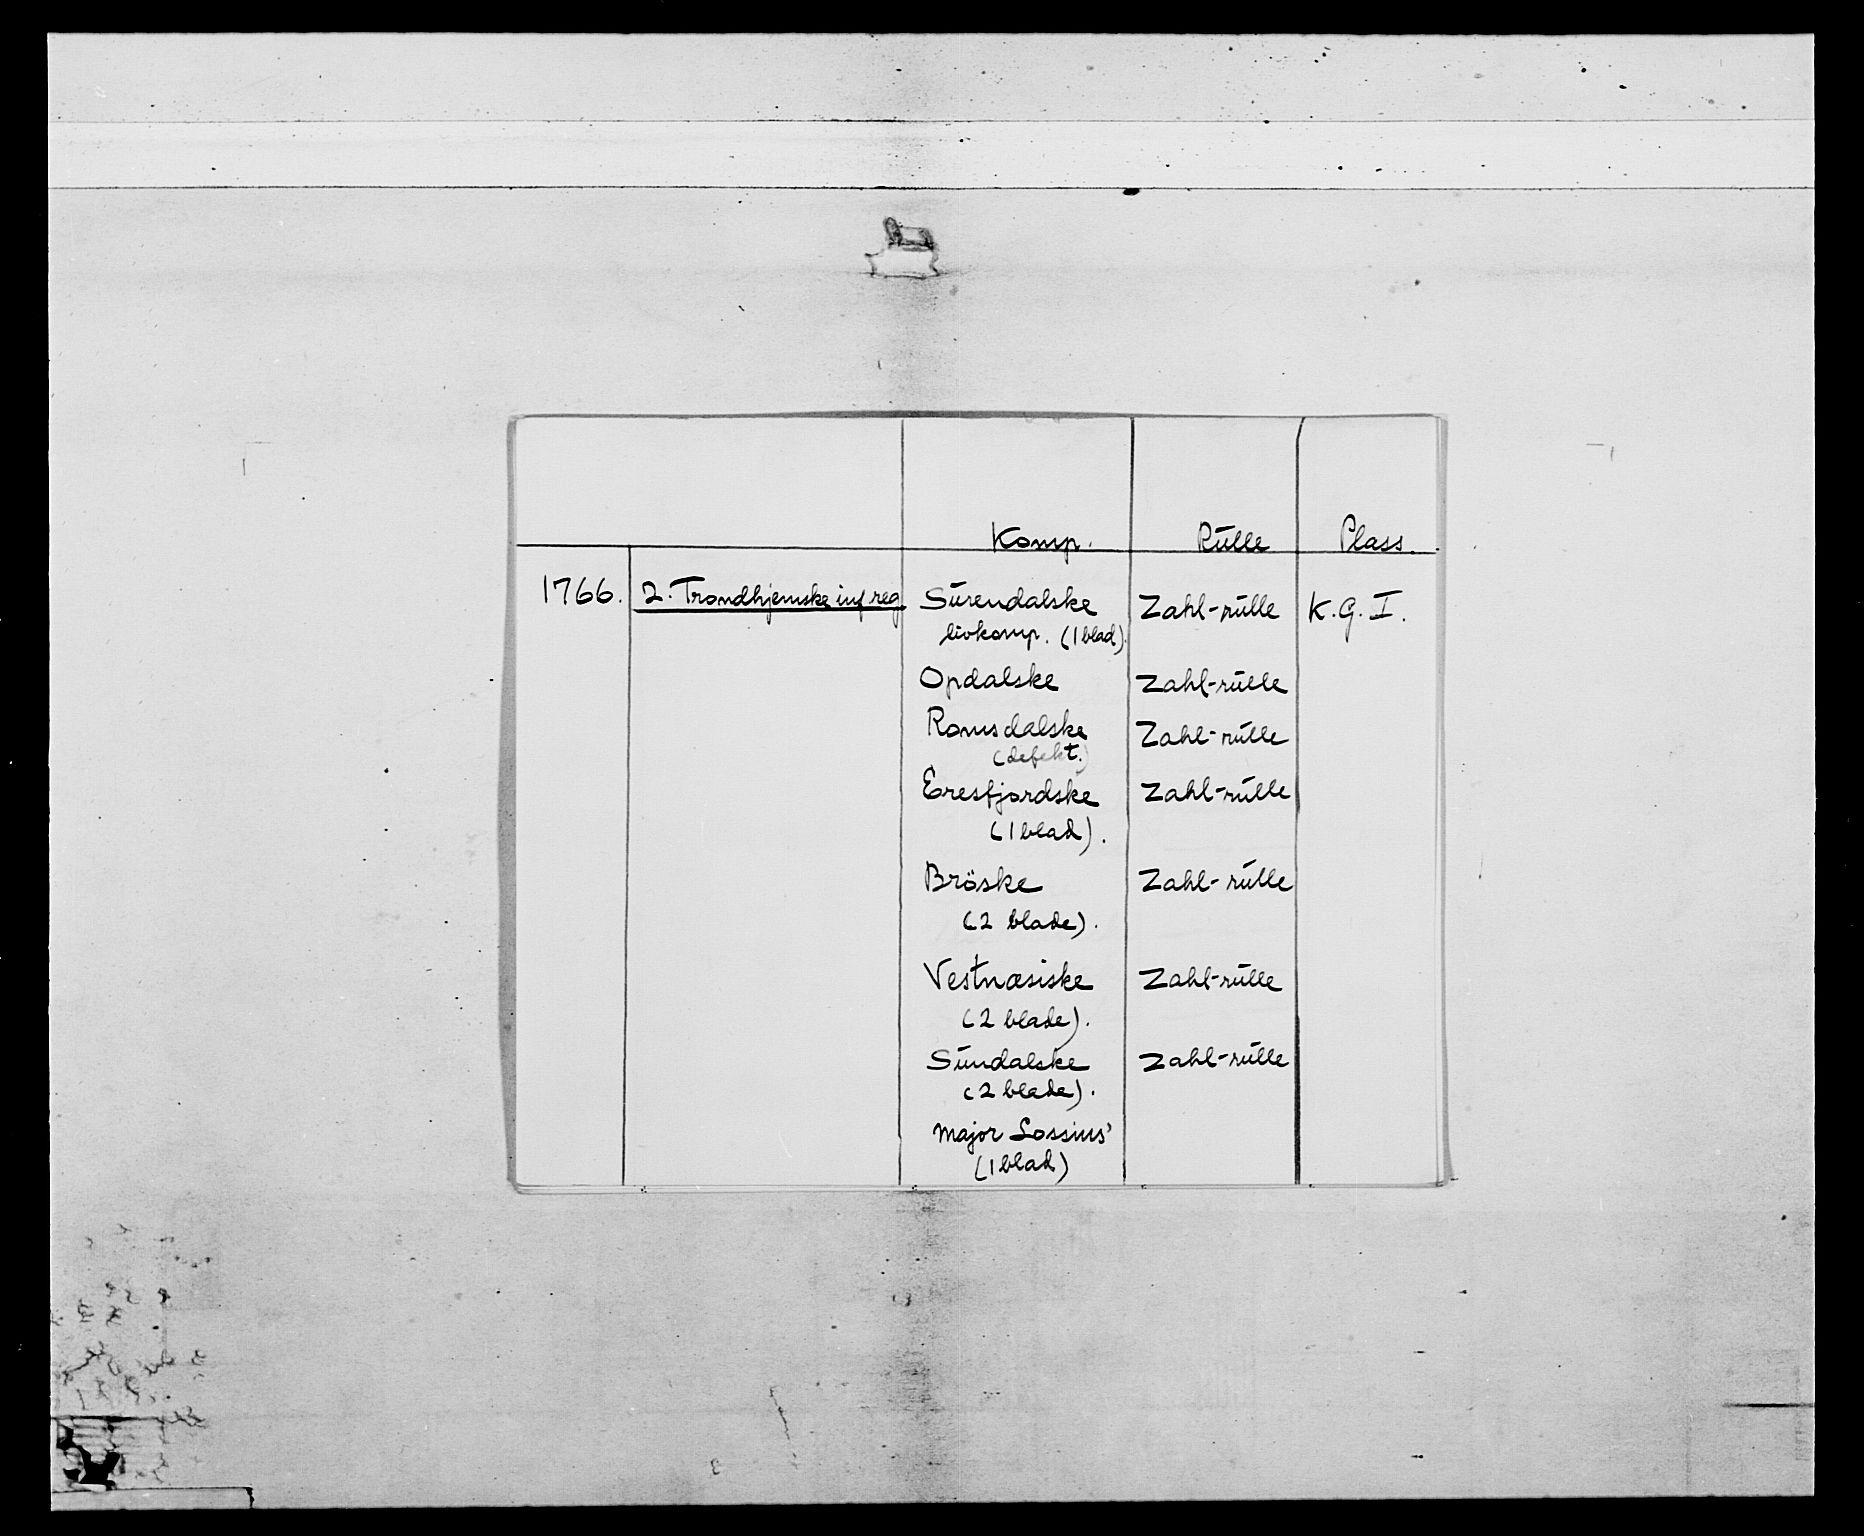 RA, Generalitets- og kommissariatskollegiet, Det kongelige norske kommissariatskollegium, E/Eh/L0076: 2. Trondheimske nasjonale infanteriregiment, 1766-1773, s. 2